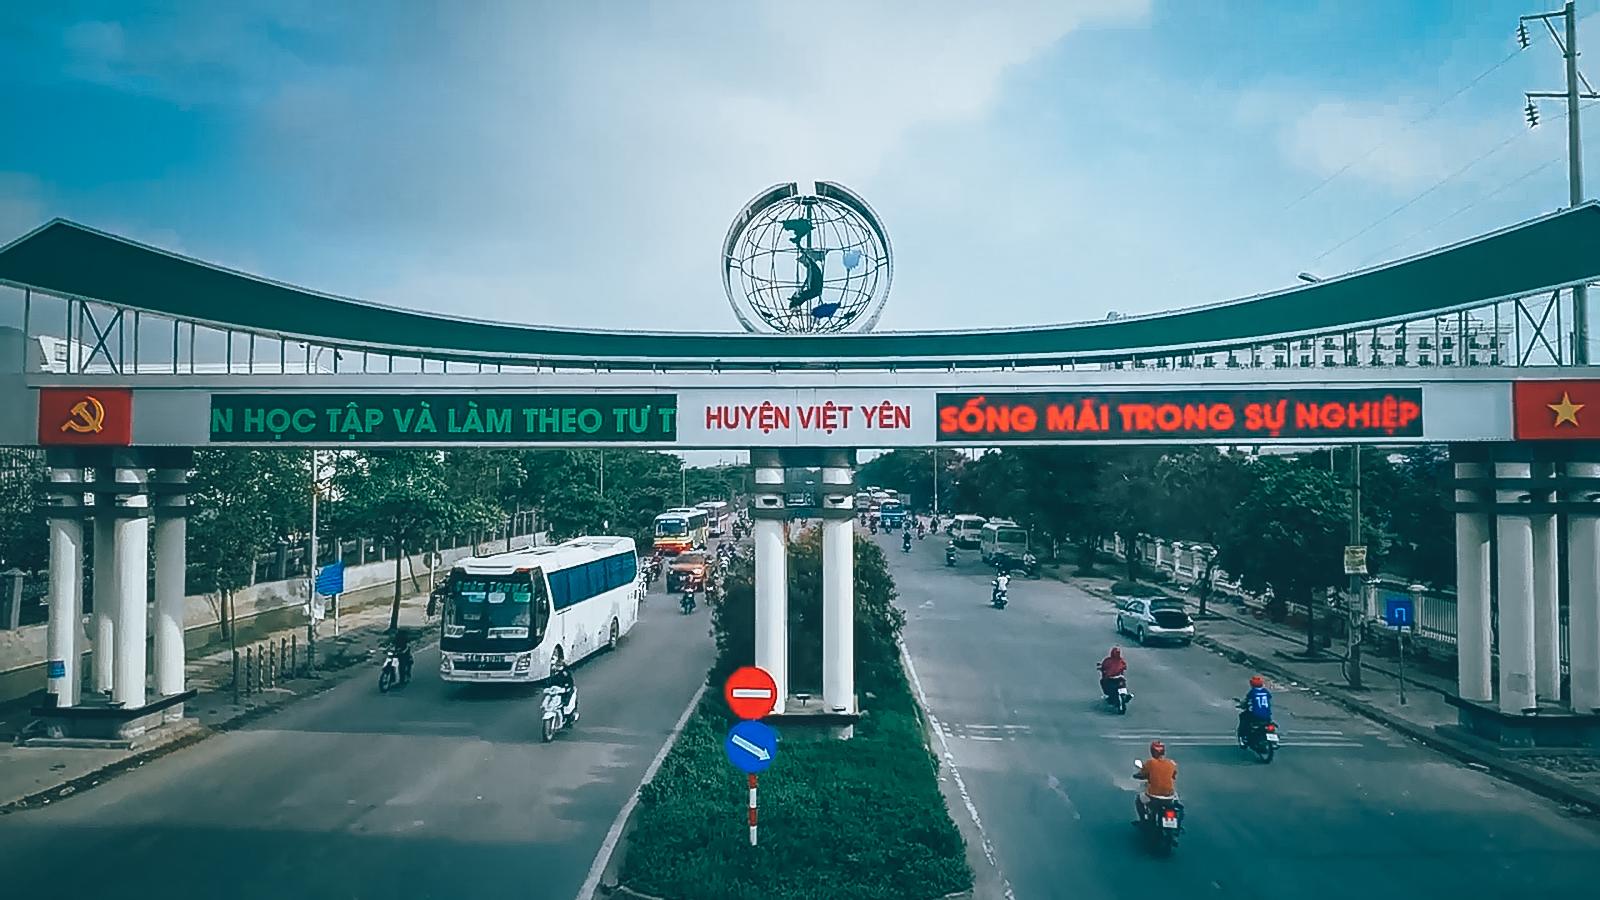 Bắc Giang điều chỉnh quy hoạch để thực hiện ba dự án nhà ở, sân golf tại Việt Yên - Ảnh 1.